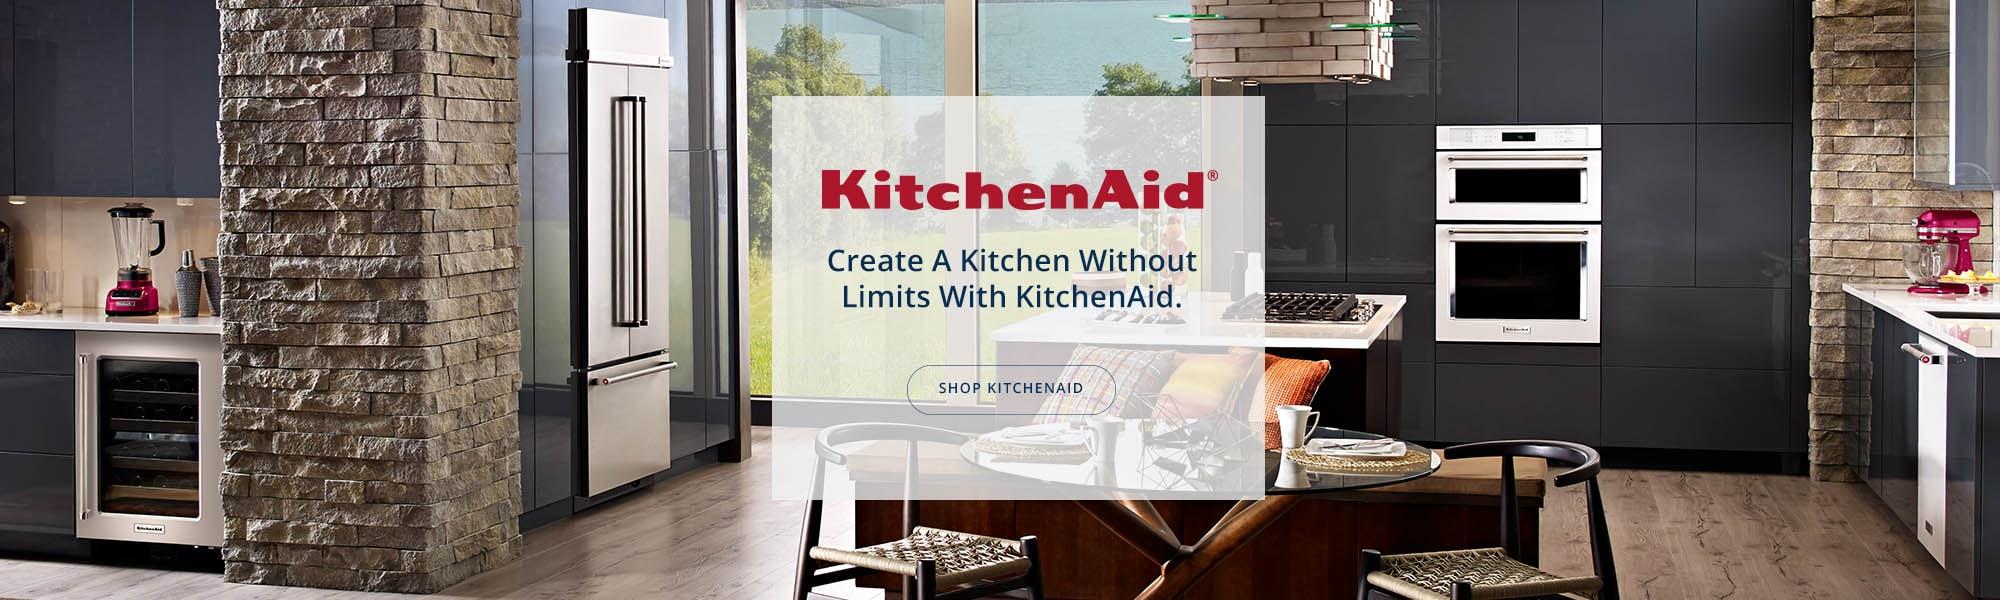 Kitchen Aid banner